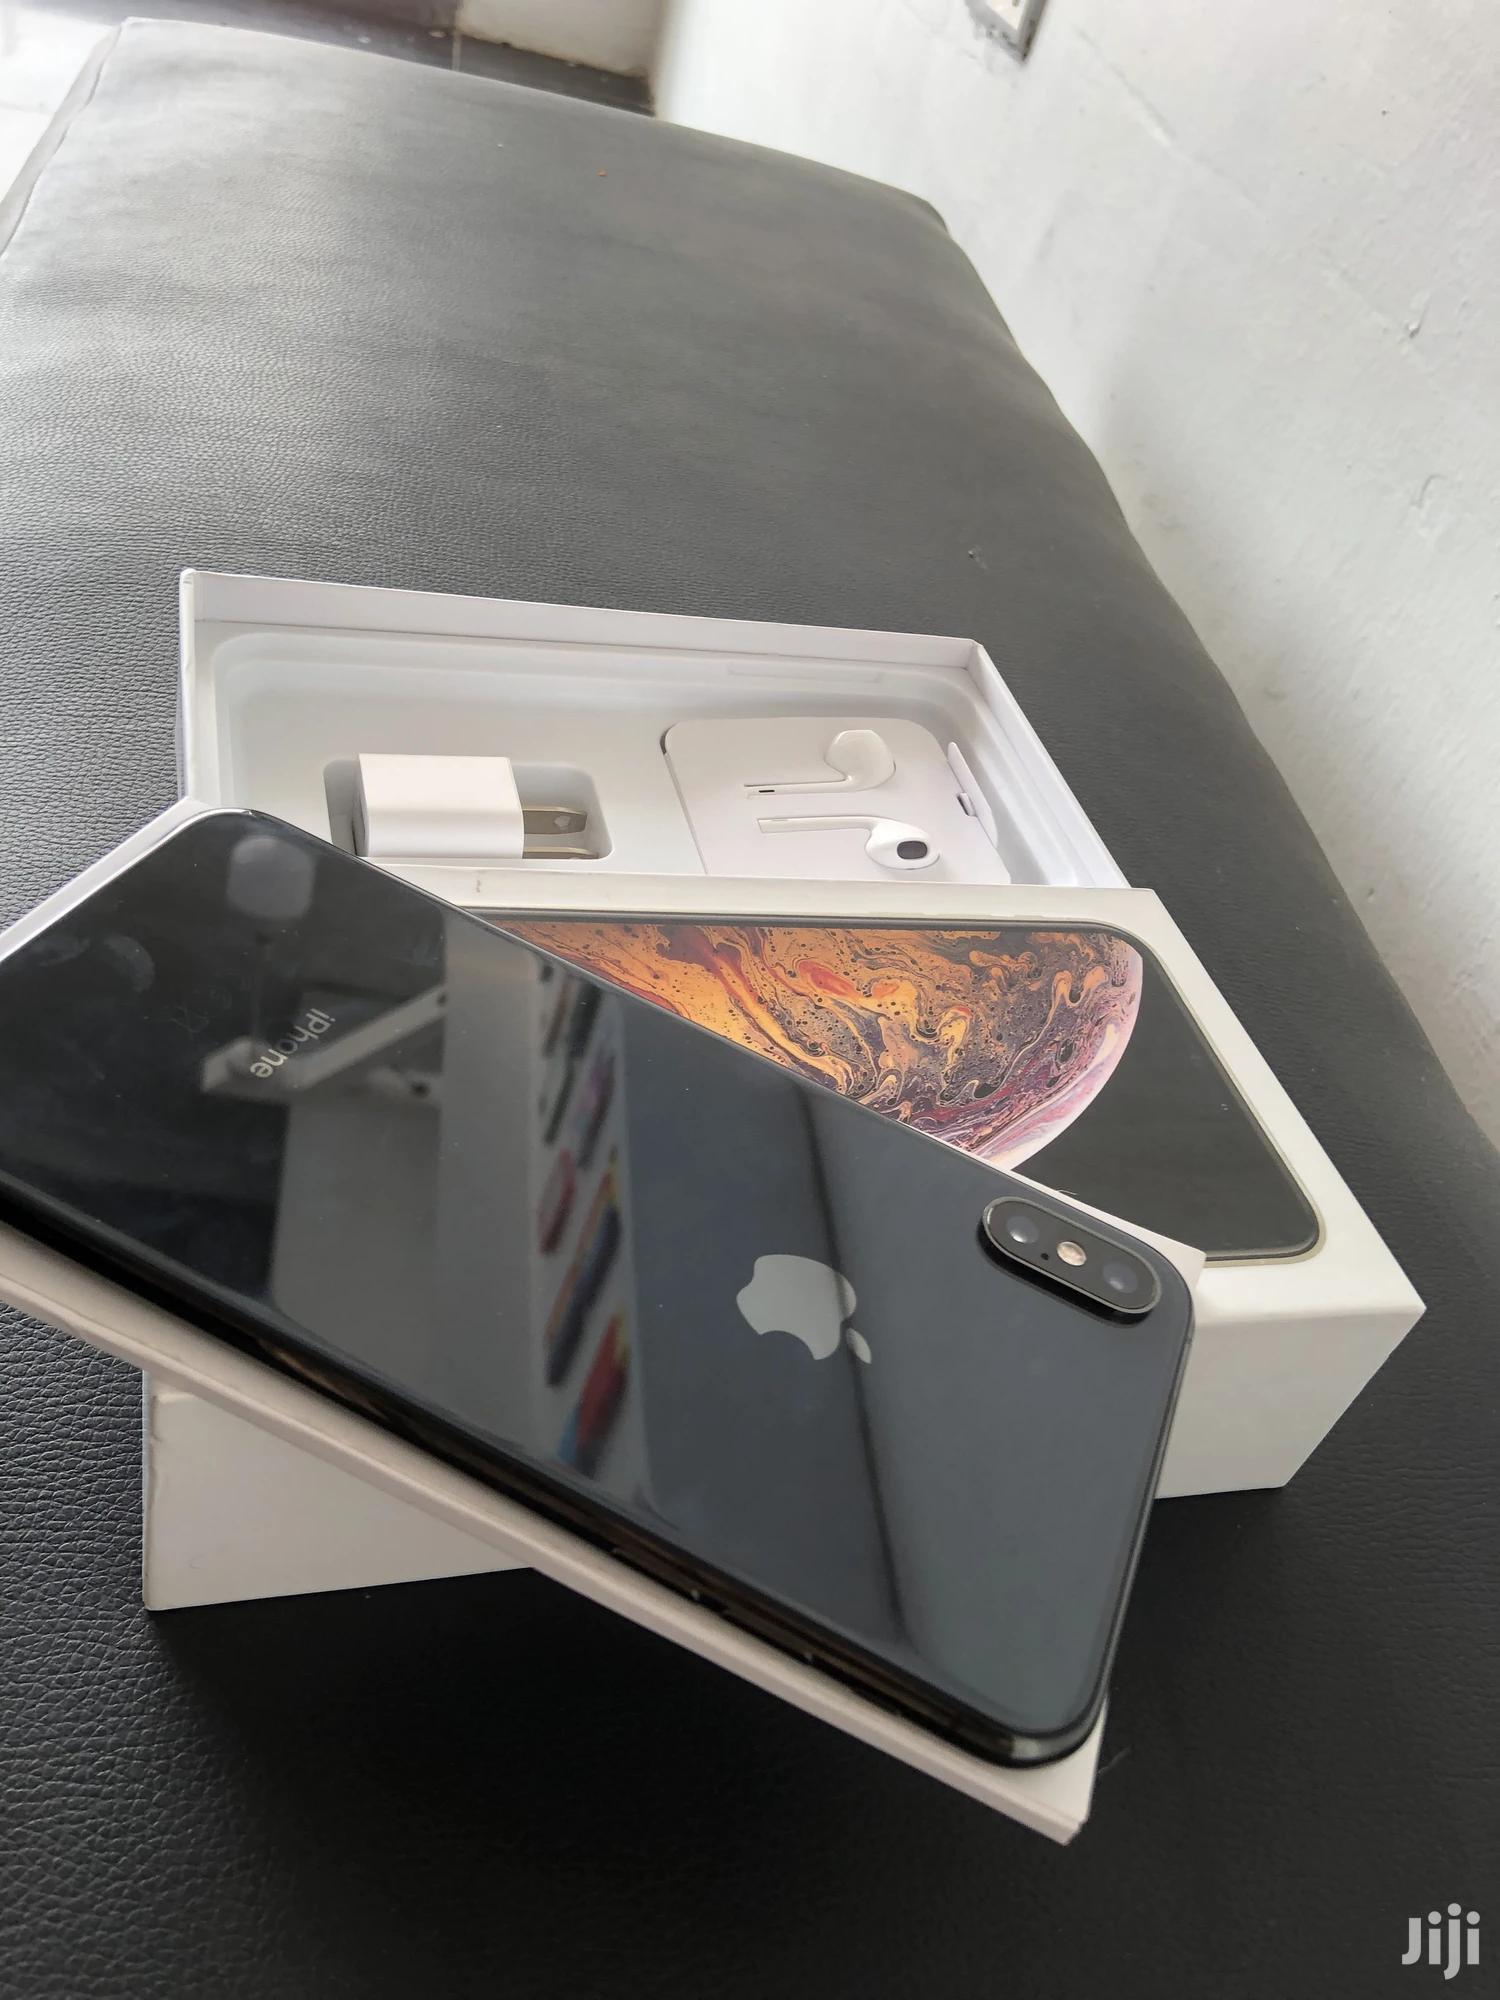 New Apple iPhone XS Max 64 GB Black